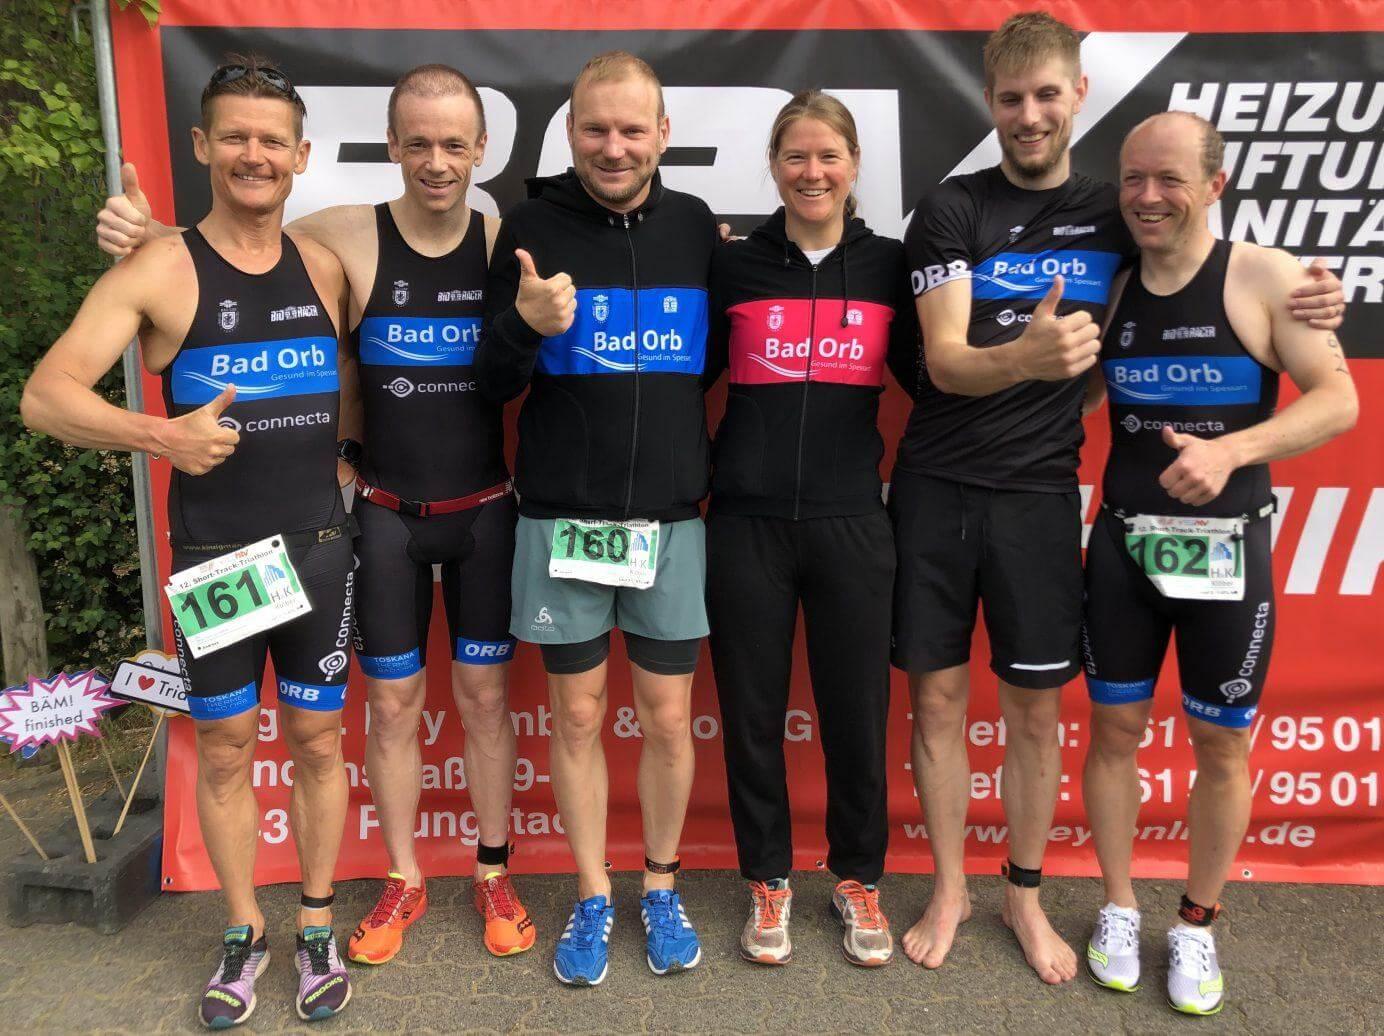 Triathlon Erfolge in Griesheim > TURNVEREIN 1868 E.V. BAD ORB